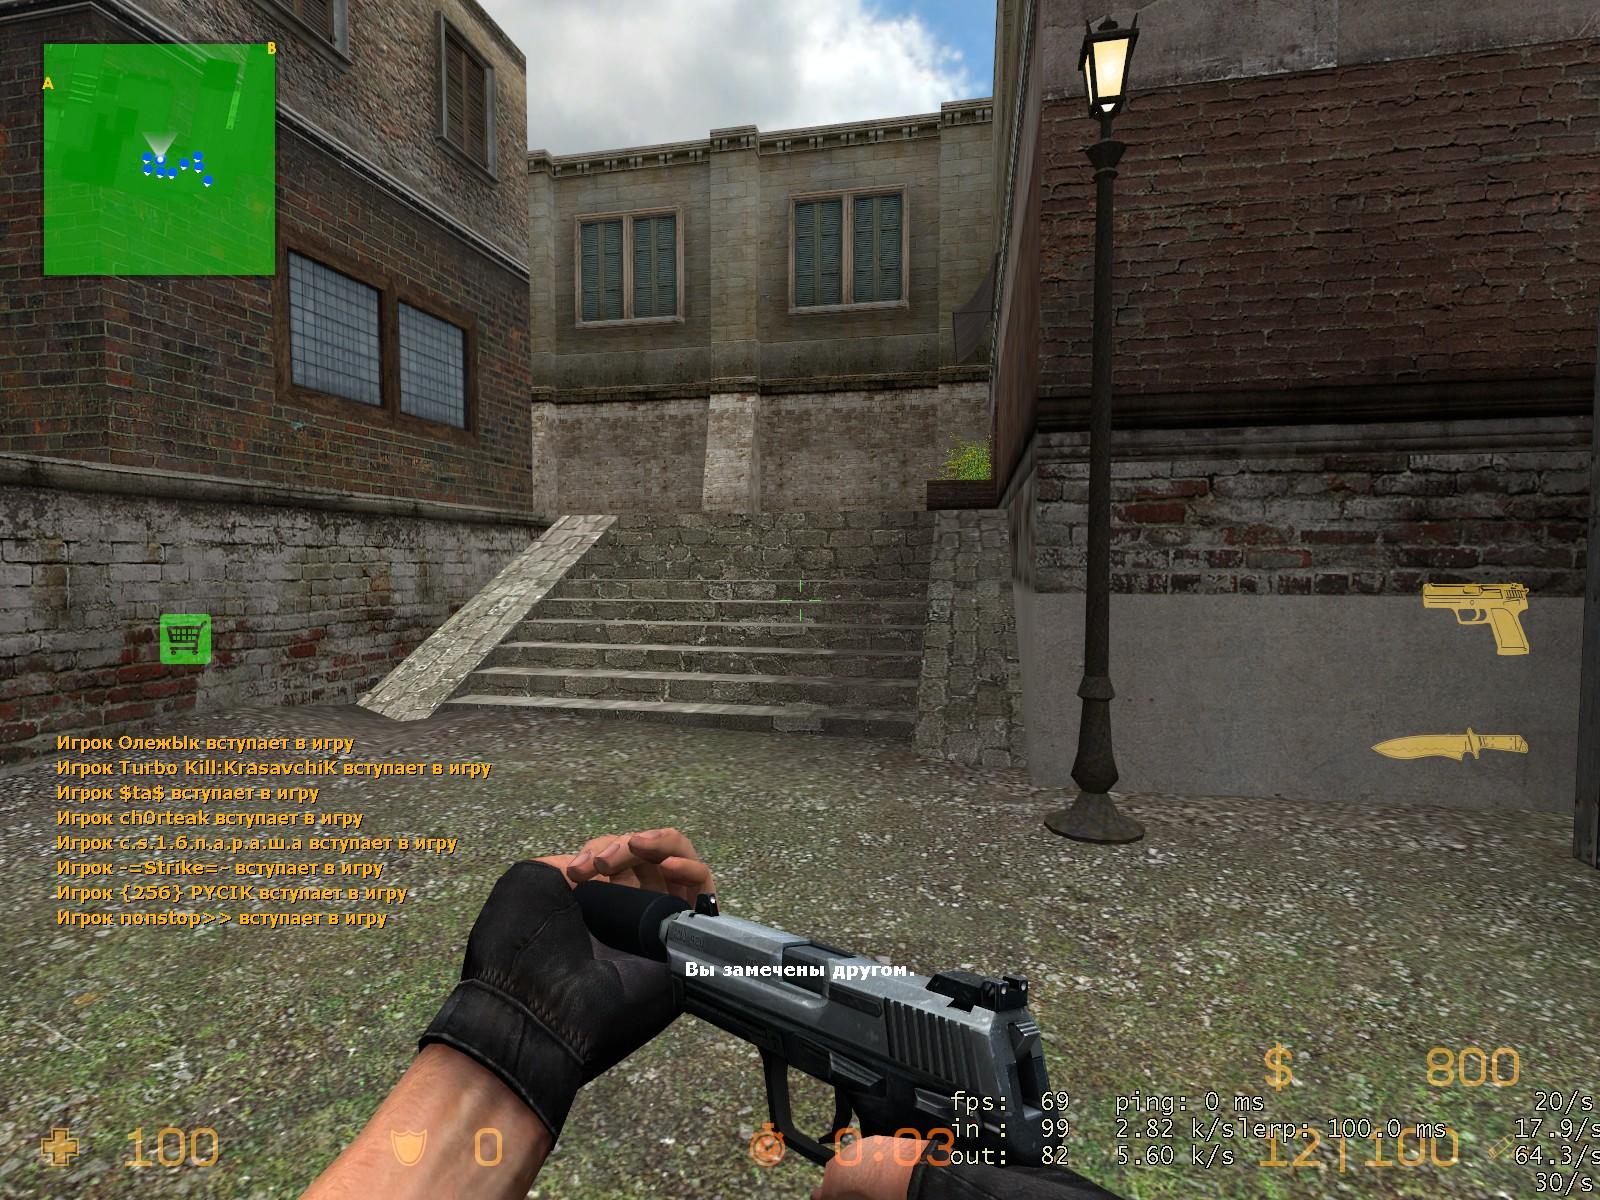 Counter-Strike: Source - Orange Box NoSteam [Setti] (2010) PC